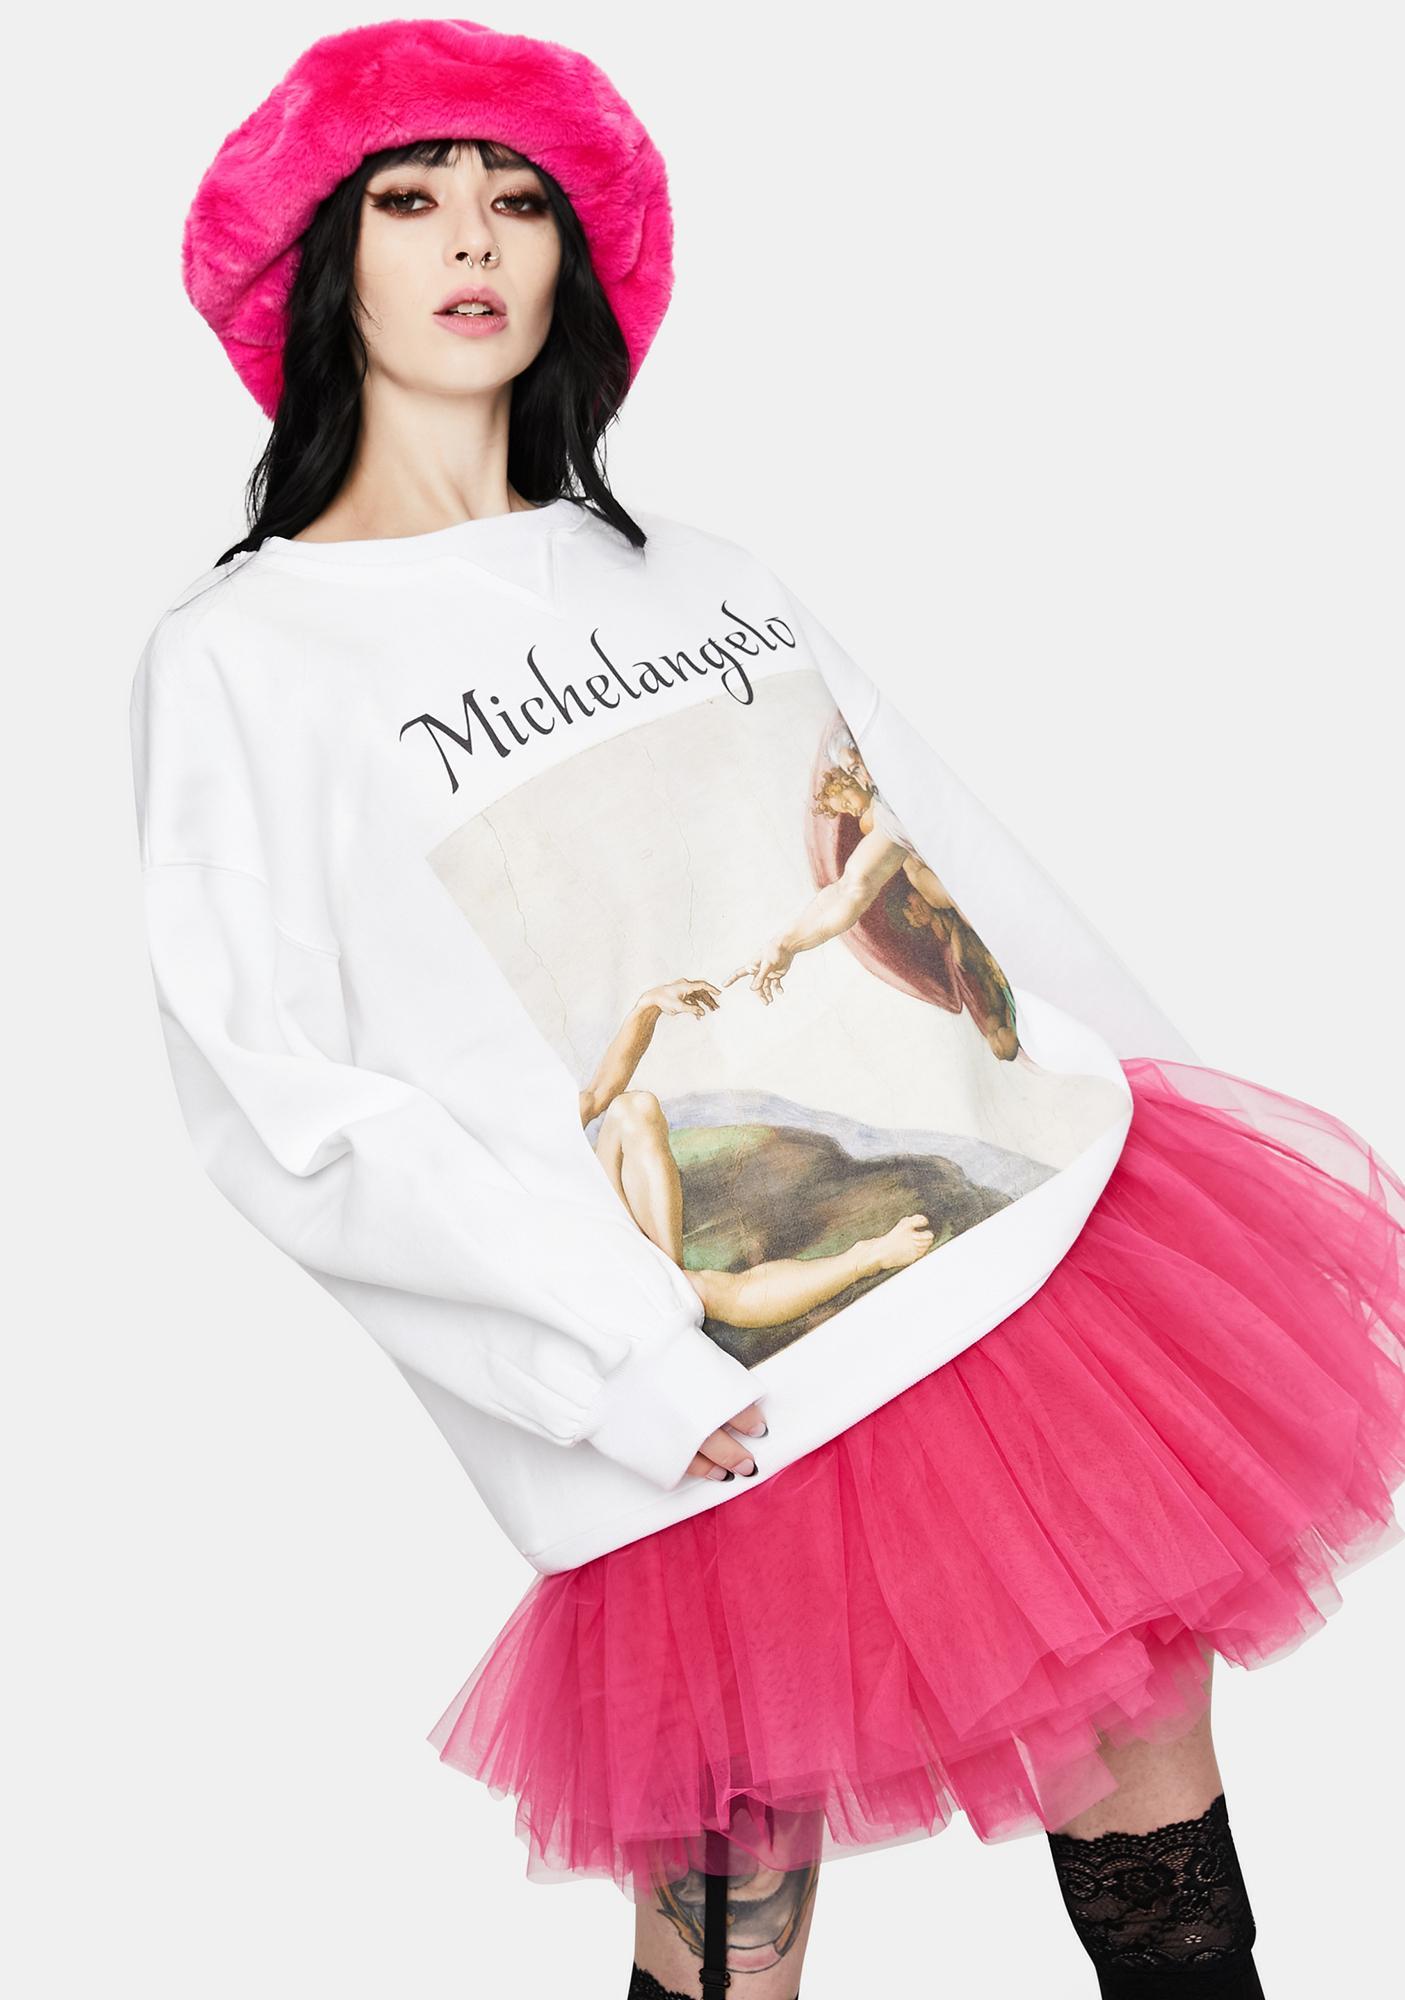 Selkie The Michelangelo Winter Sweater